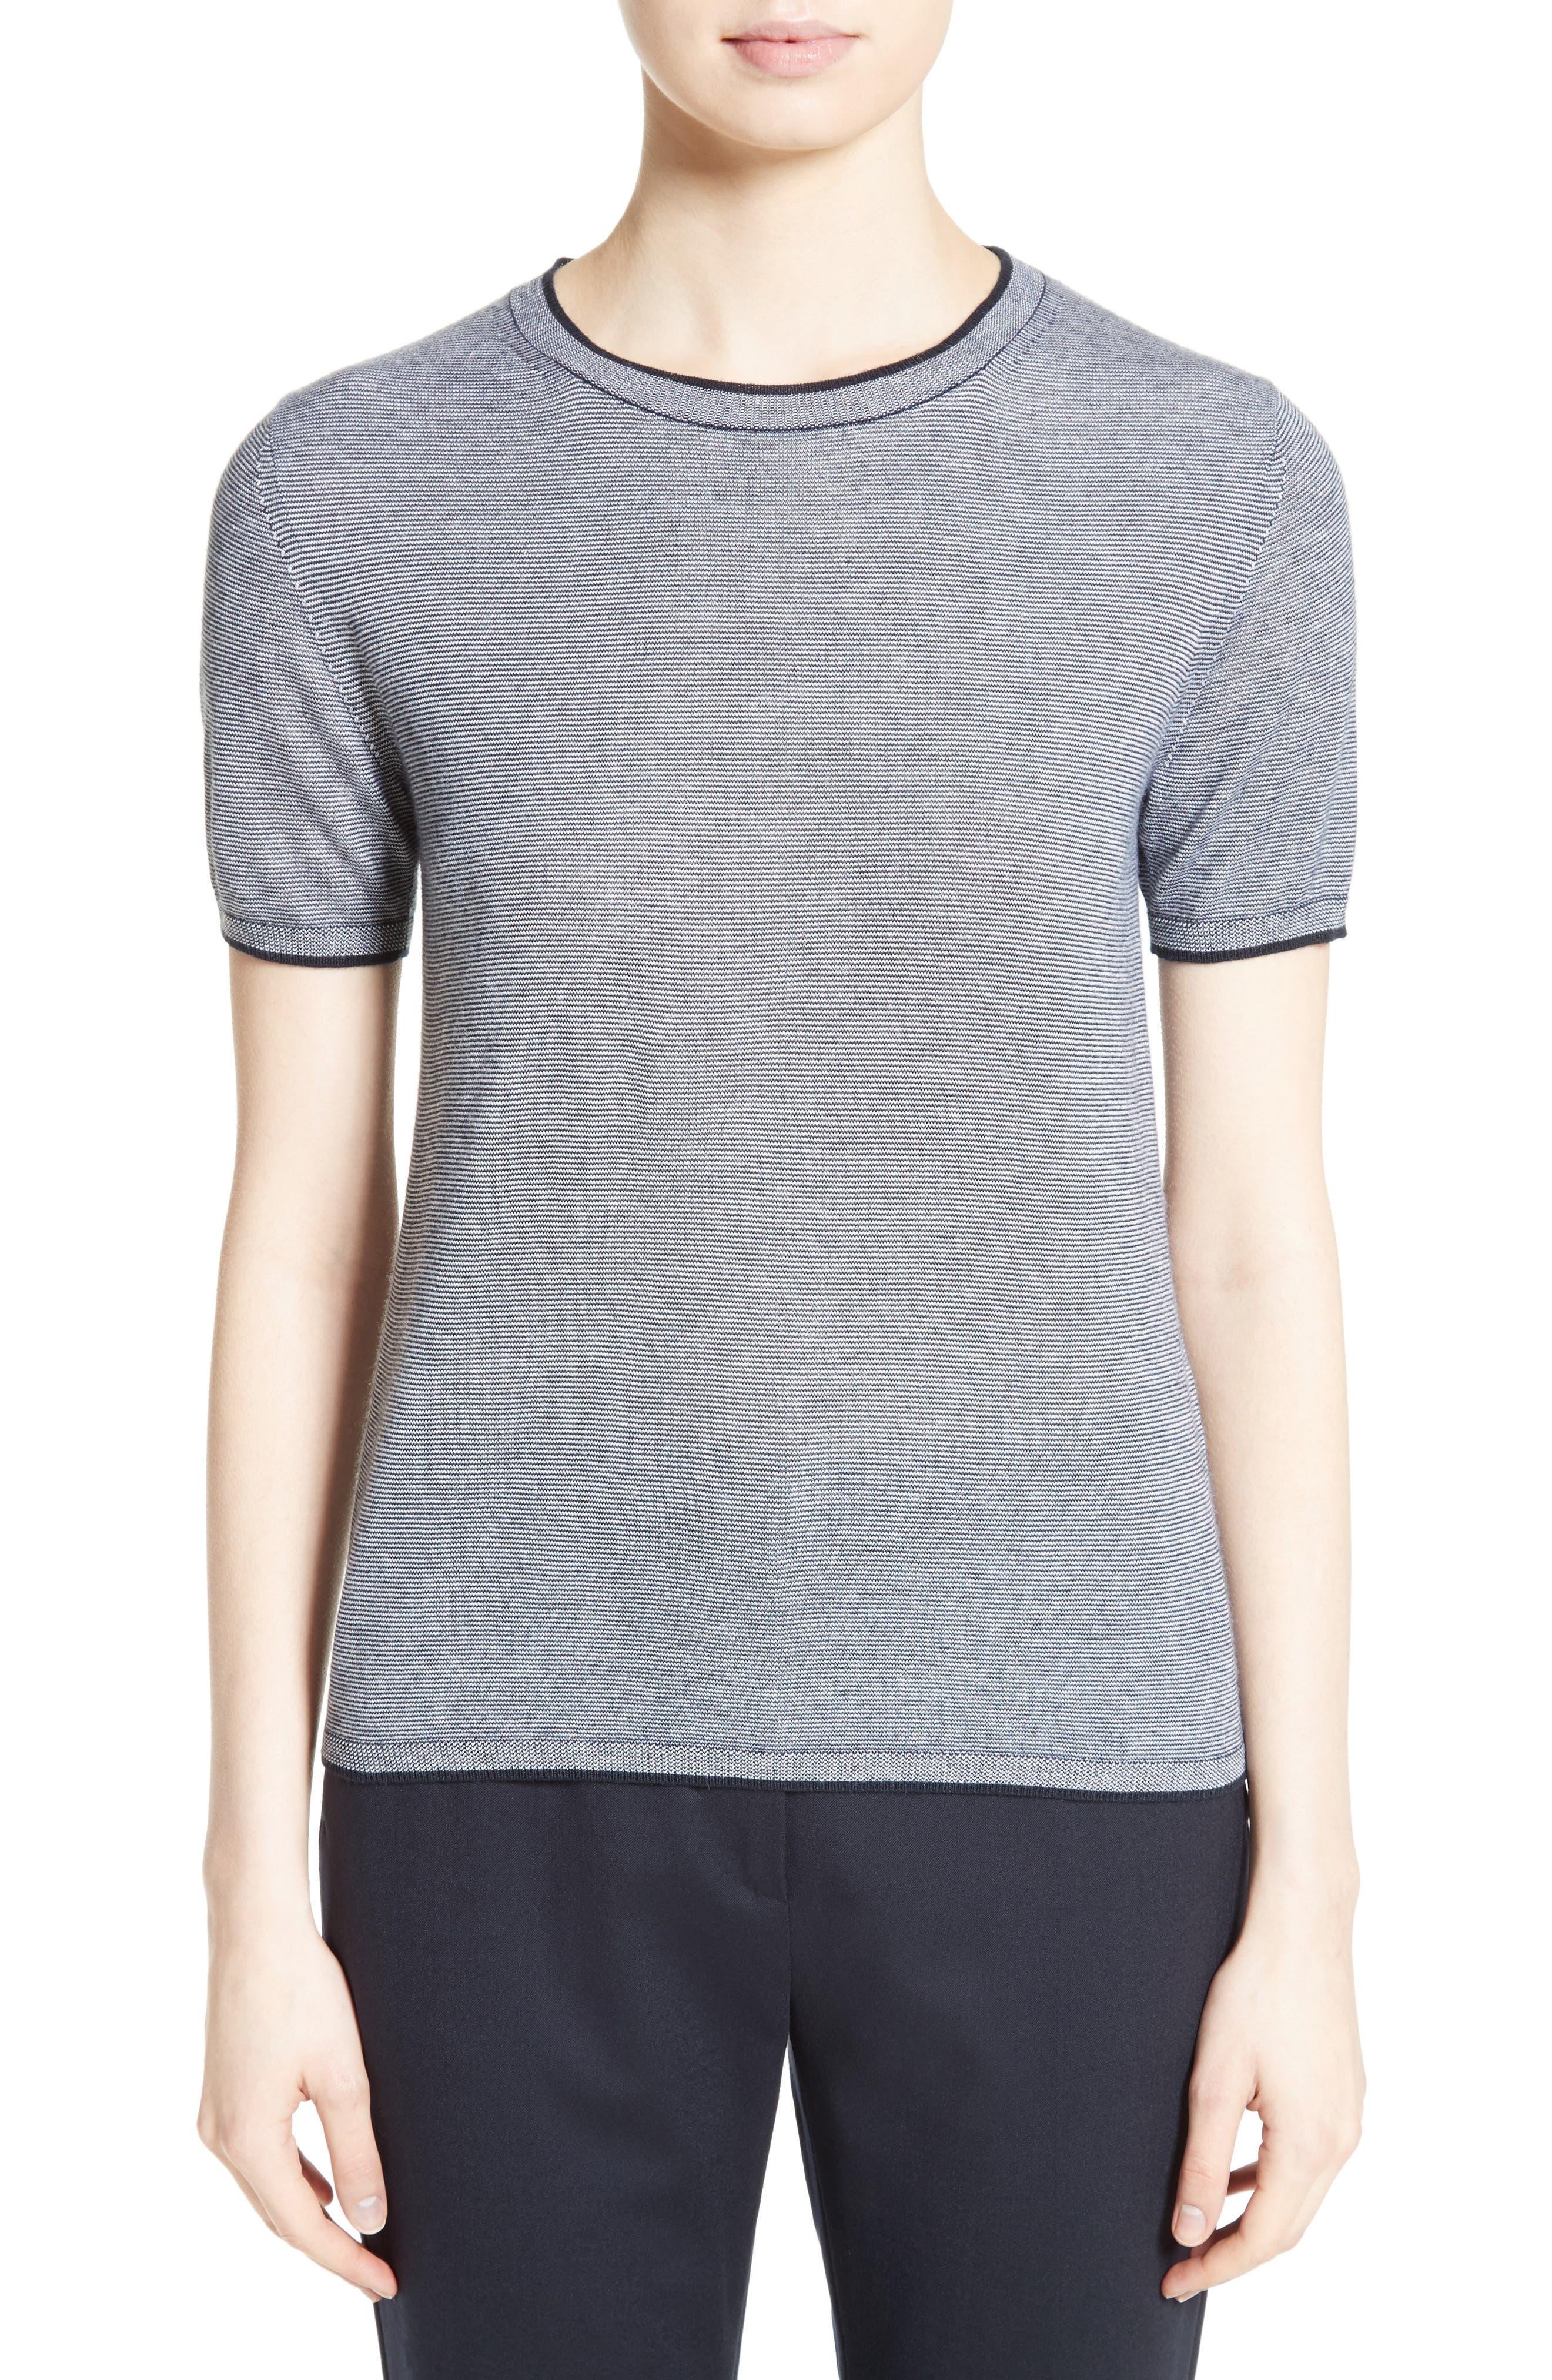 Max Mara Stampa Silk & Cashmere Knit Top